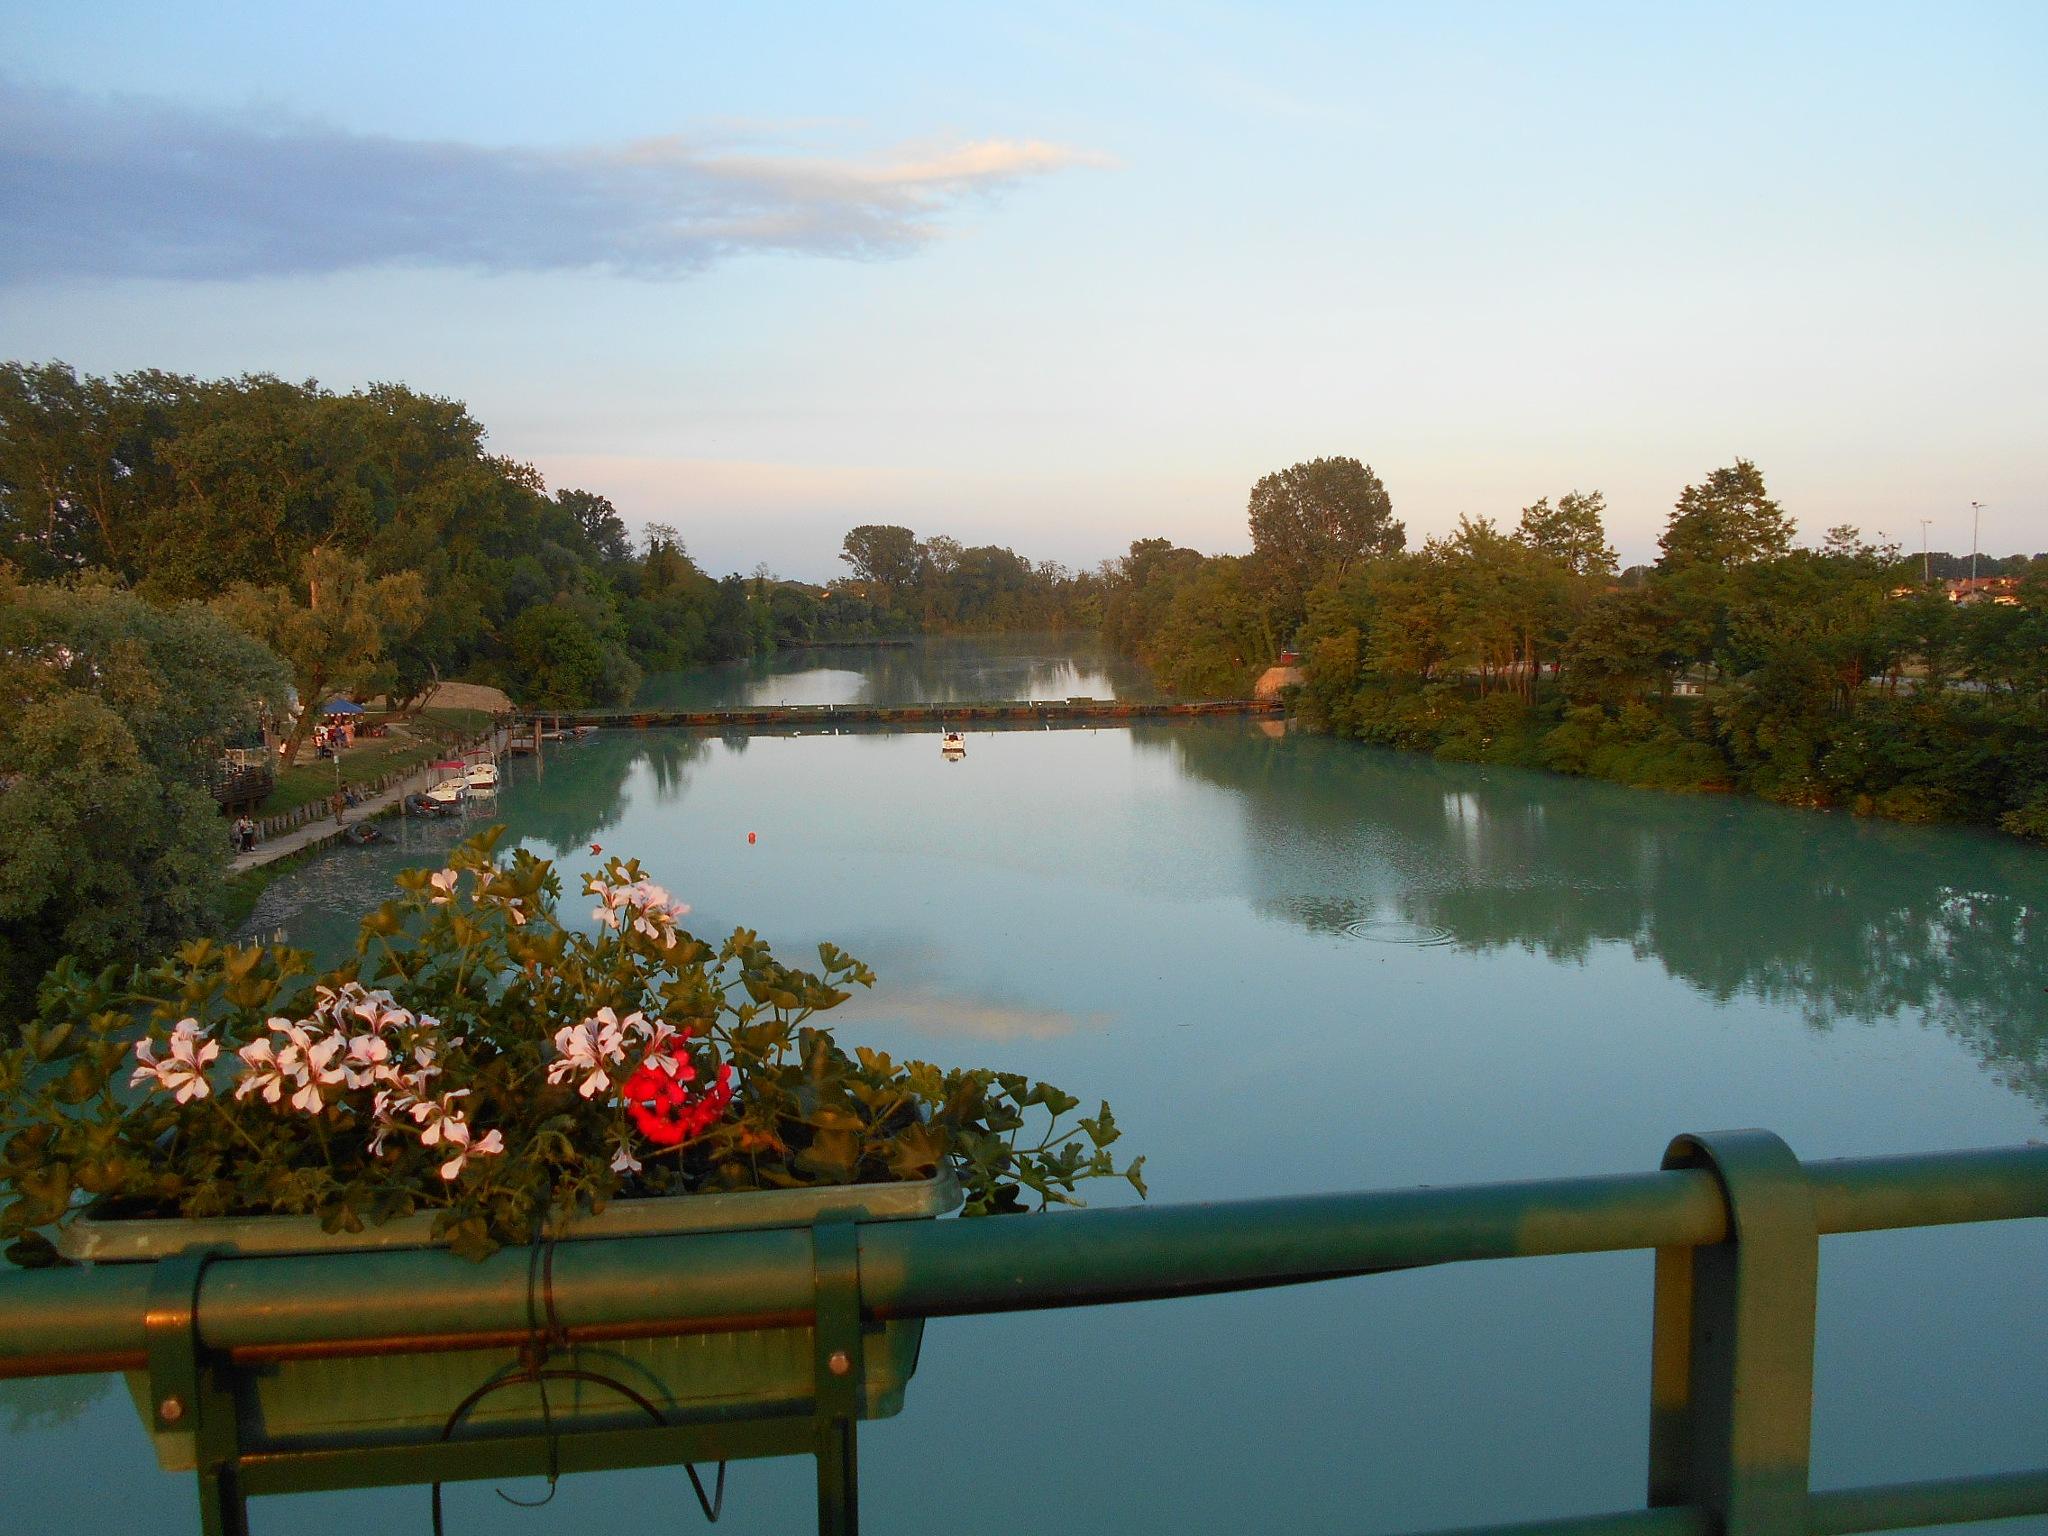 fiume PIAVE by Luigi Stefanini